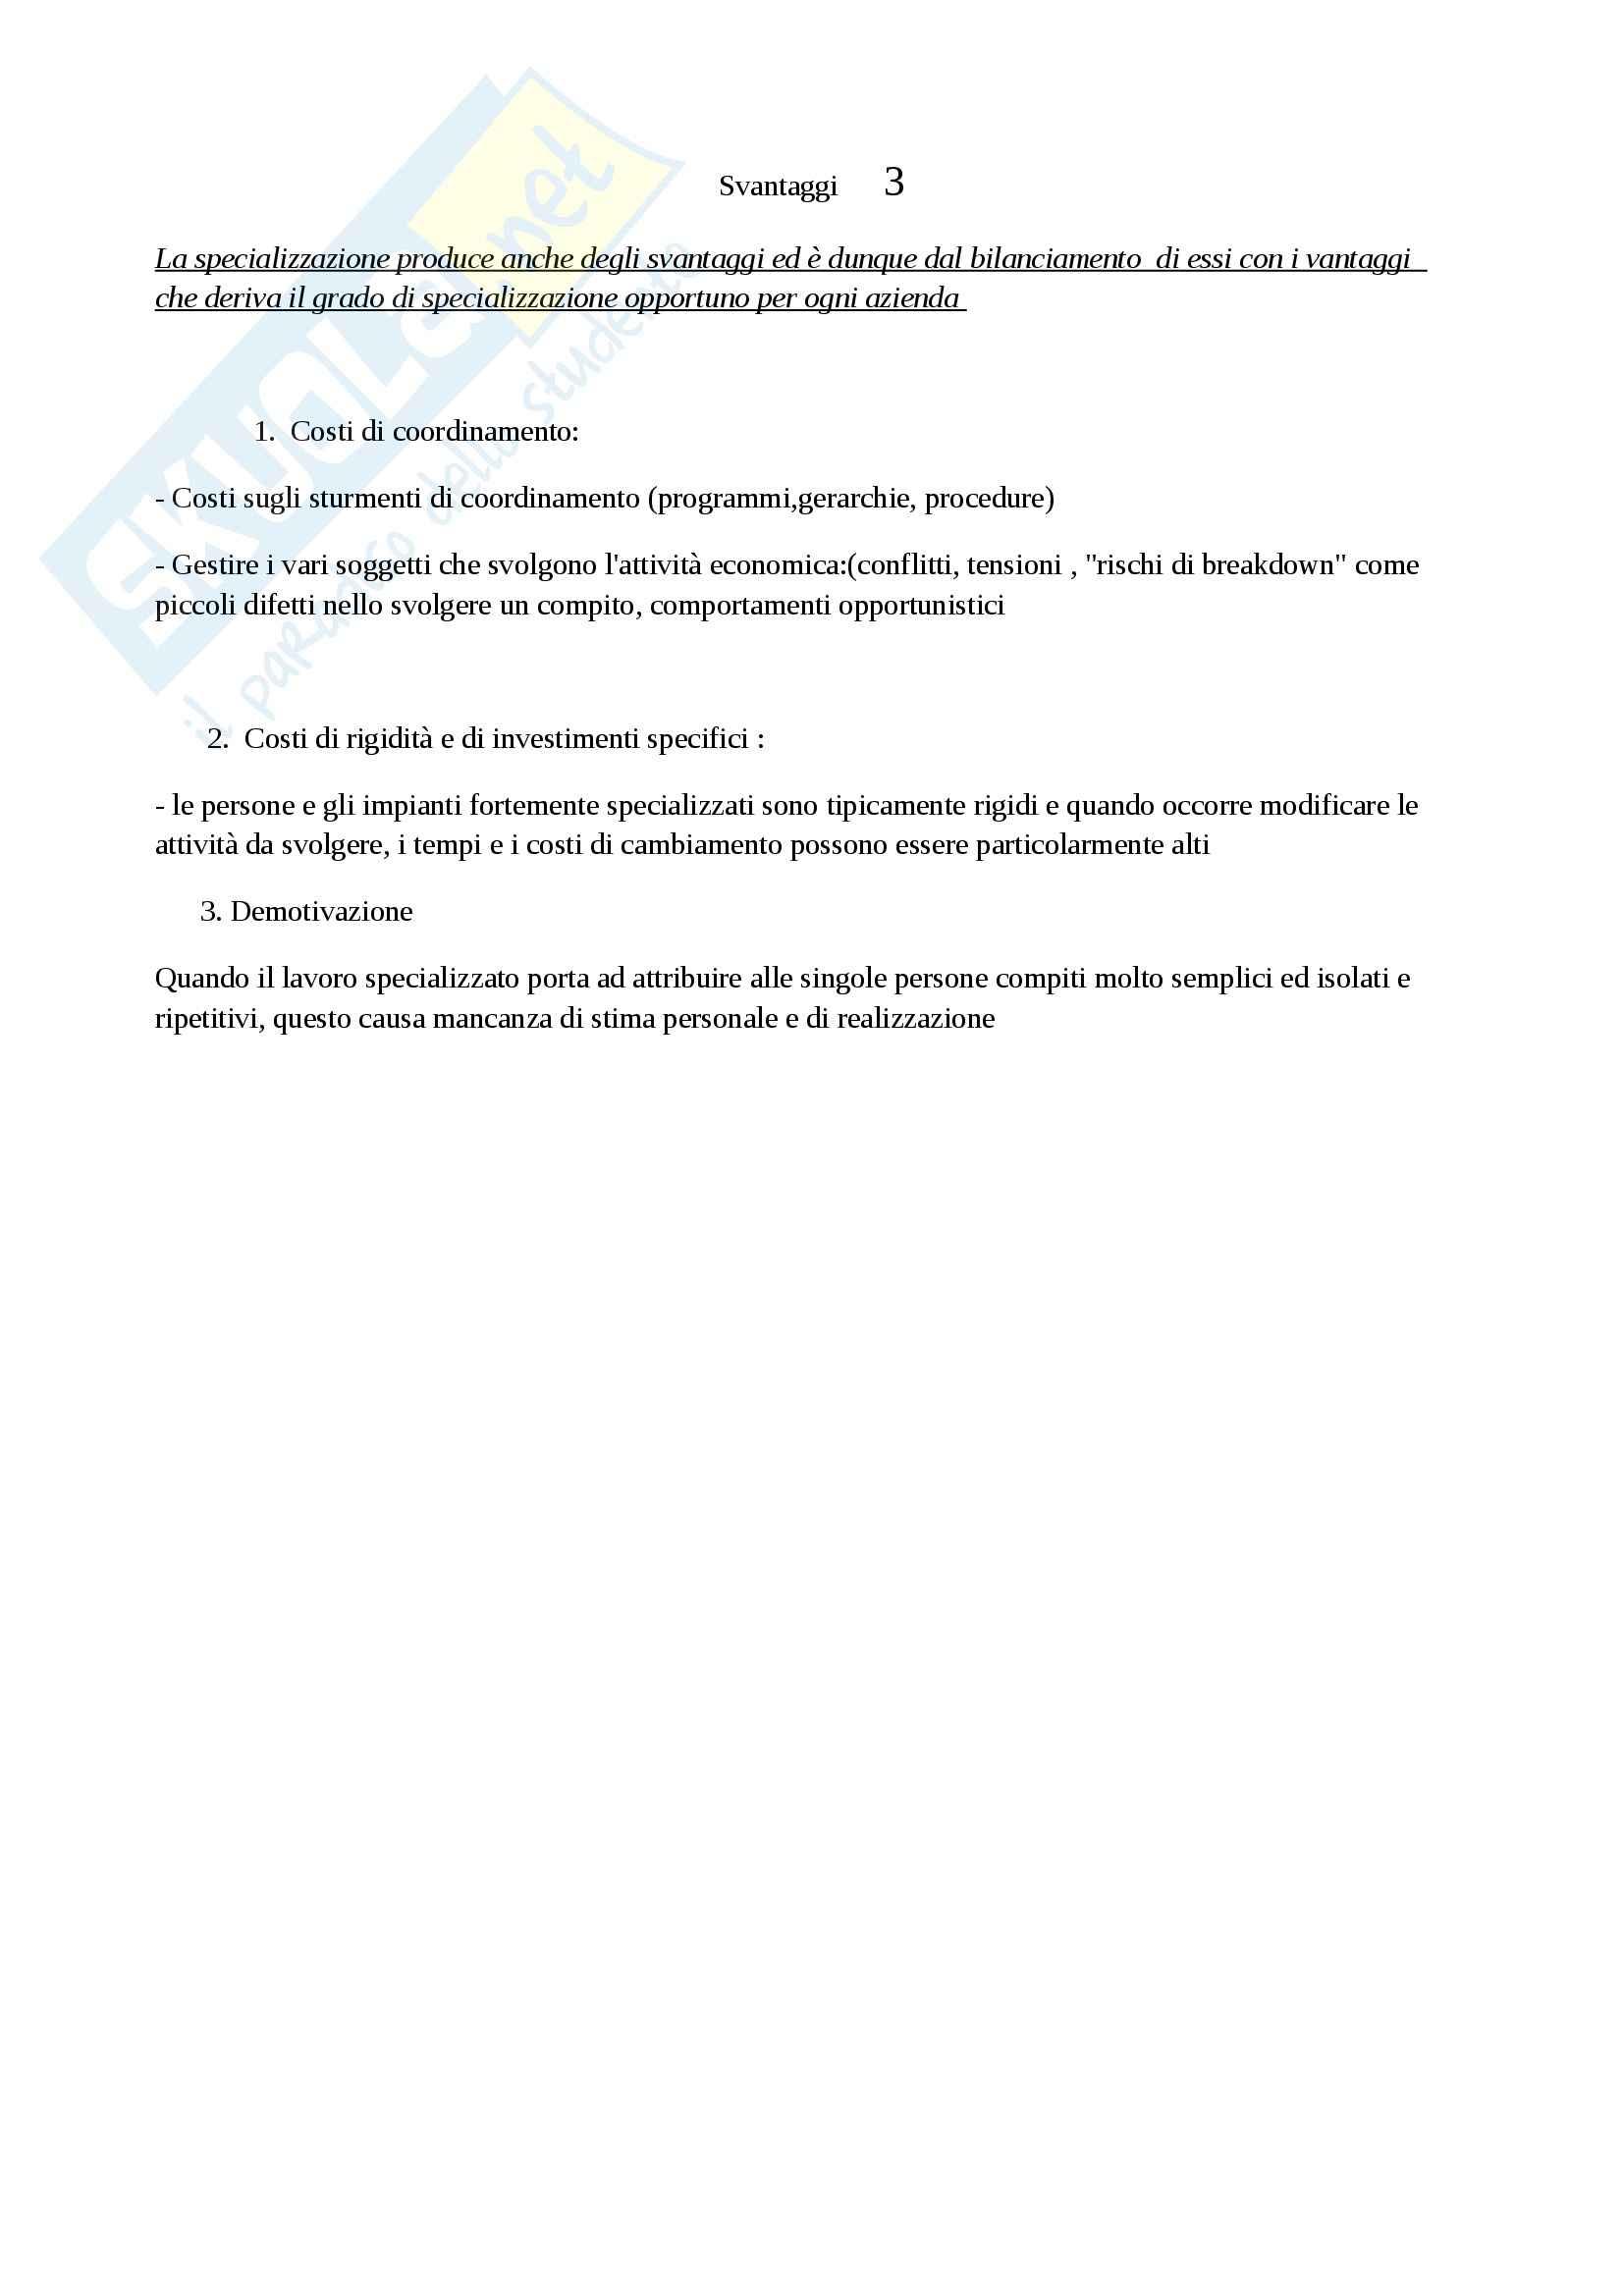 Riassunto esame Economia Aziendale, prof. Depperu, libro consigliato Economia Aziendale di Airoldi, Brunetti e Coda Pag. 11